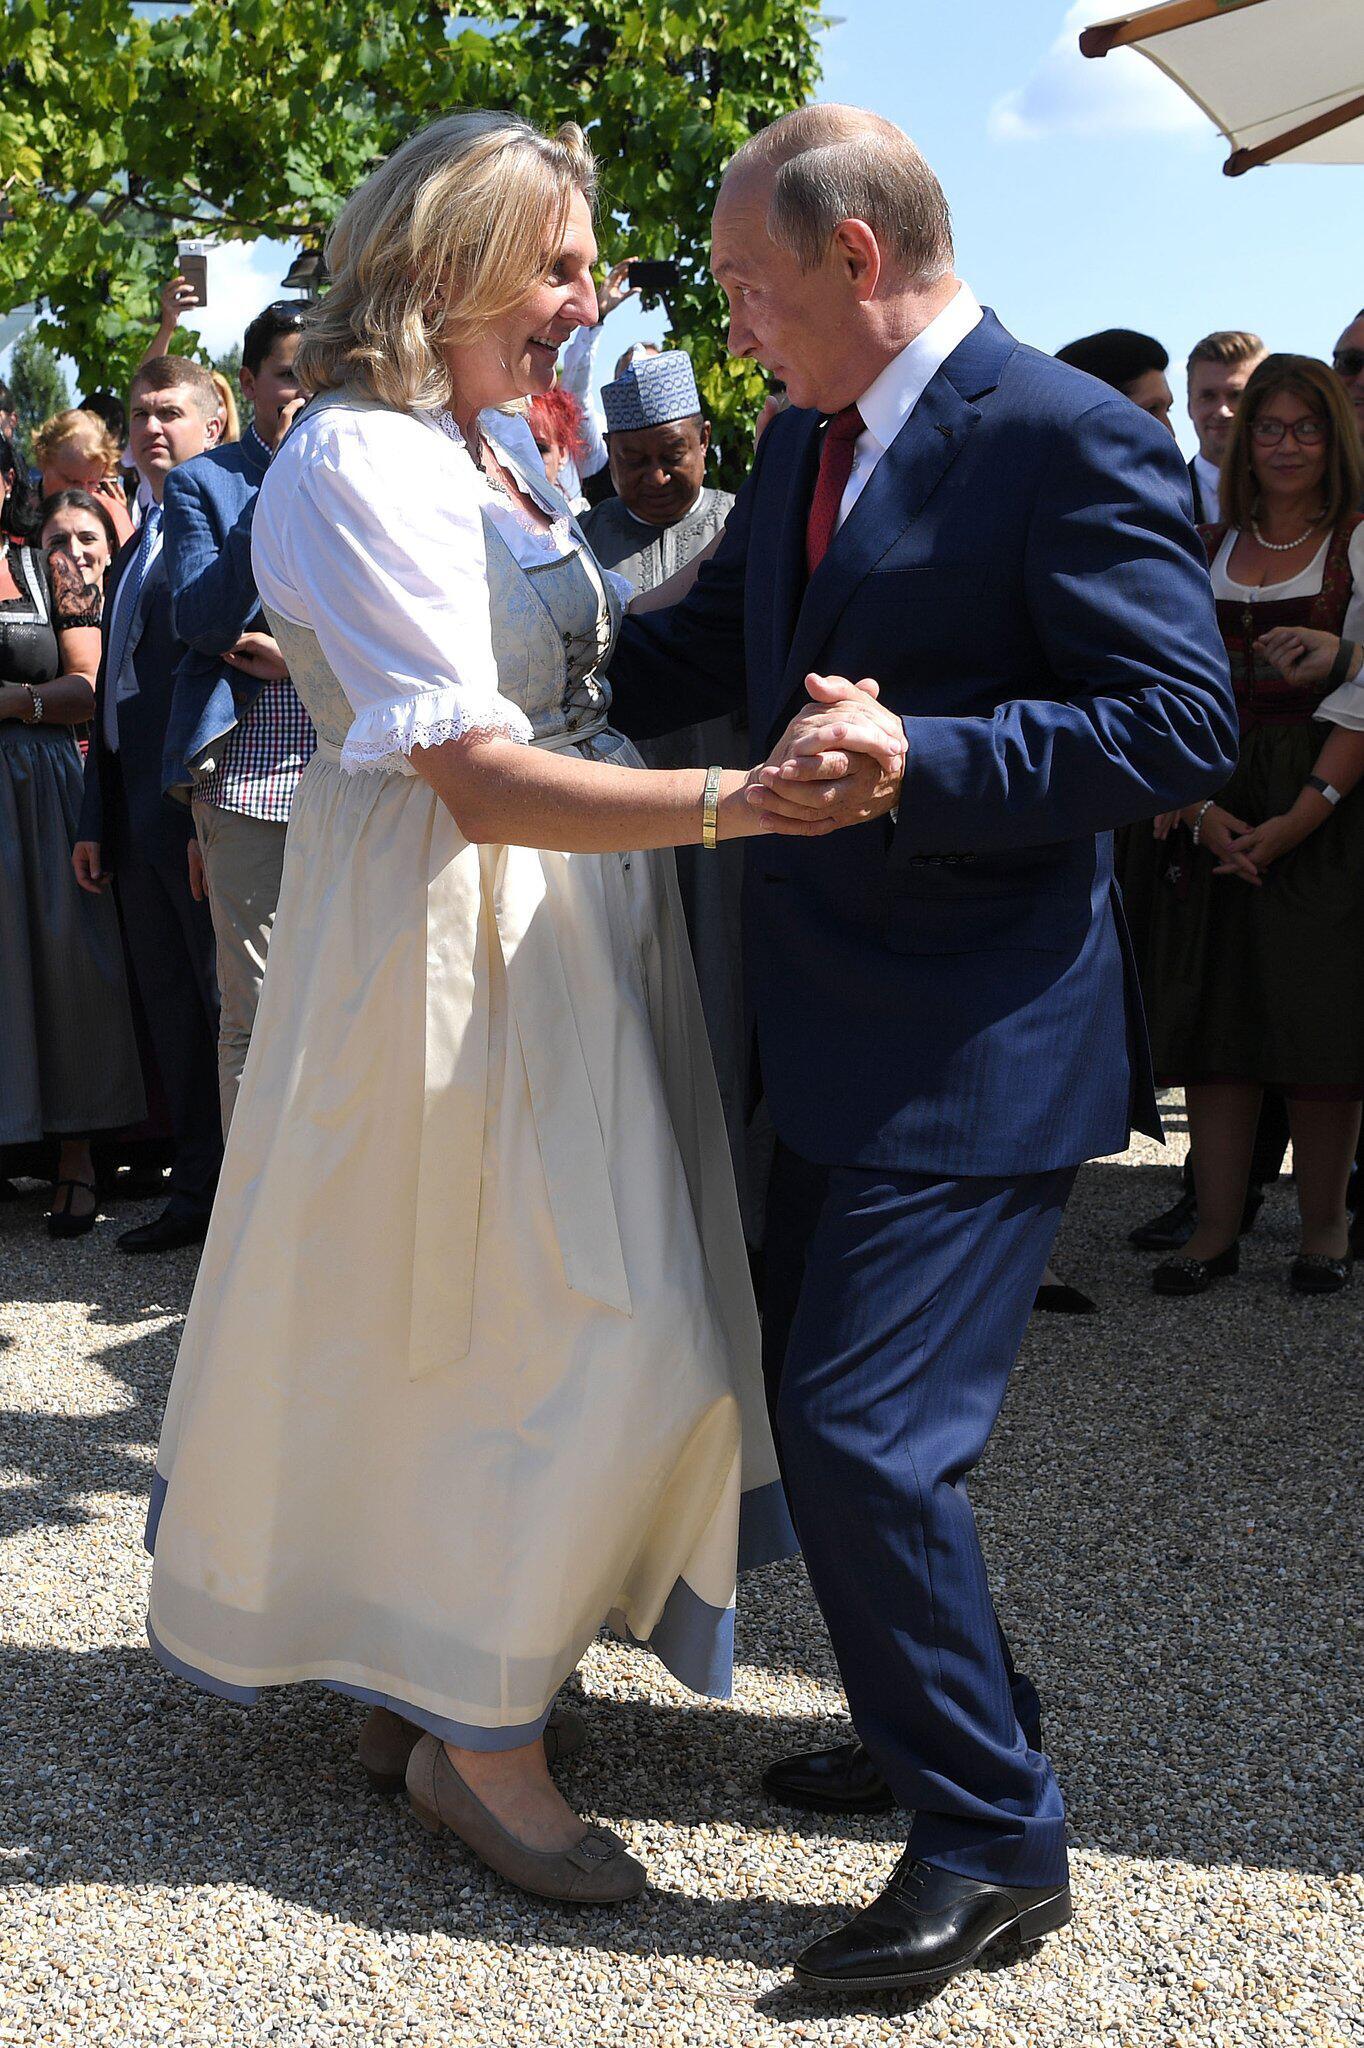 Wladimir Putin feiert mit Karin Kneissl: Hochzeit mit Männerchor und Misstönen | WEB.DE